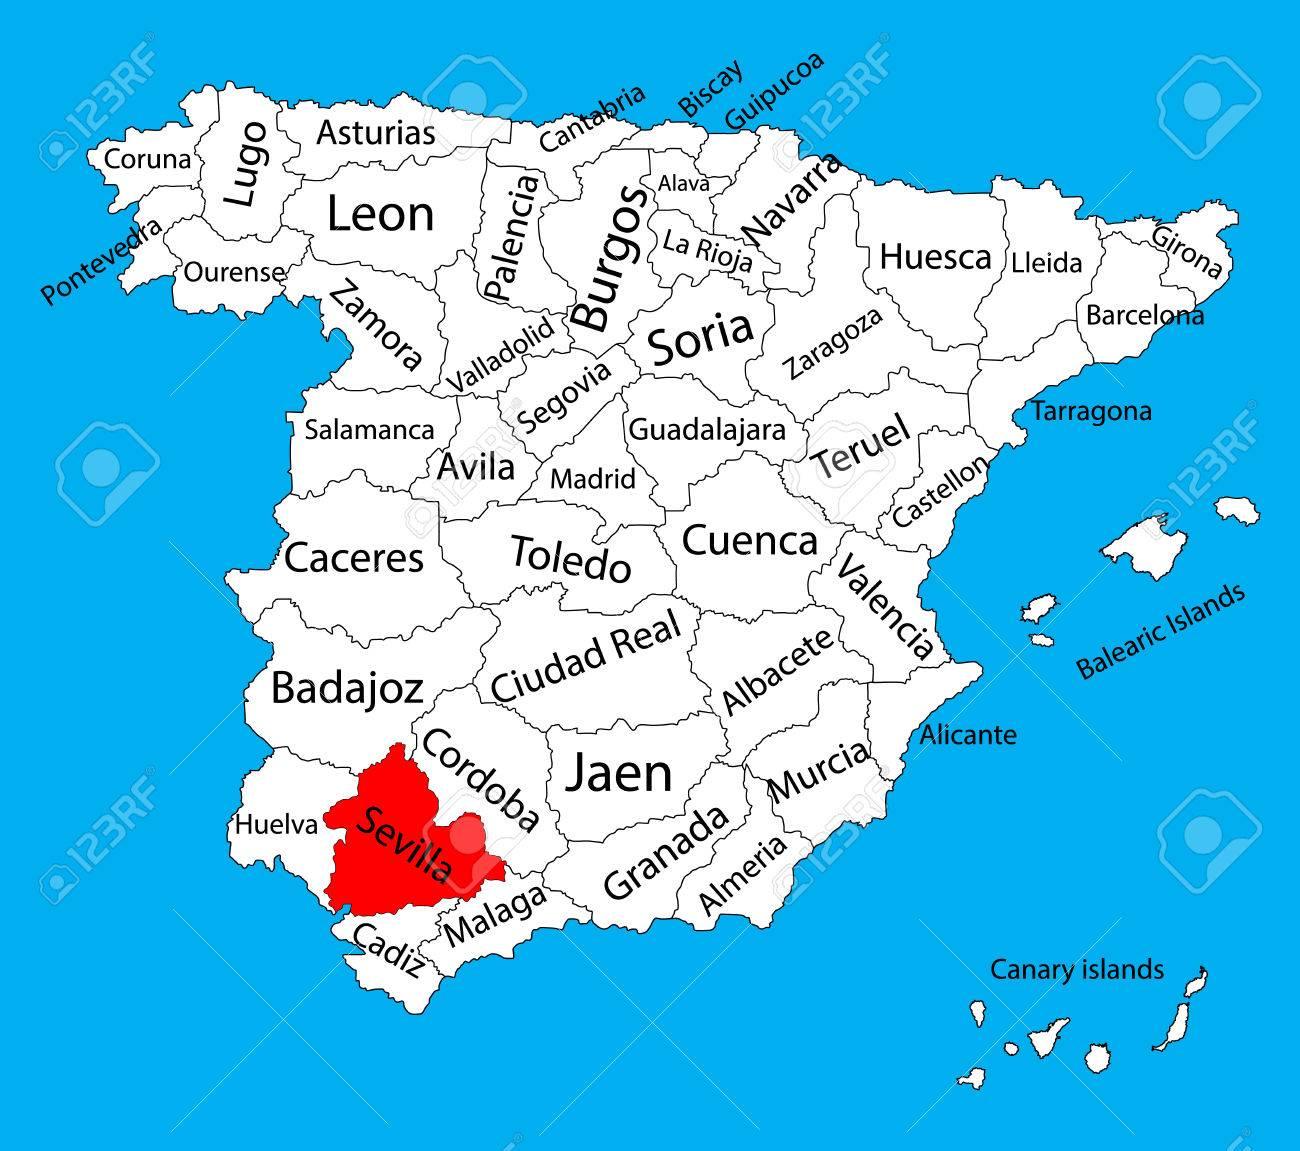 Provincia De Sevilla Mapa.Mapa De Sevilla Espana Mapa Vectorial De La Provincia Alto Mapa De Vectores Detallados De Espana Con Regiones Separadas Aisladas Sobre Fondo Mapa